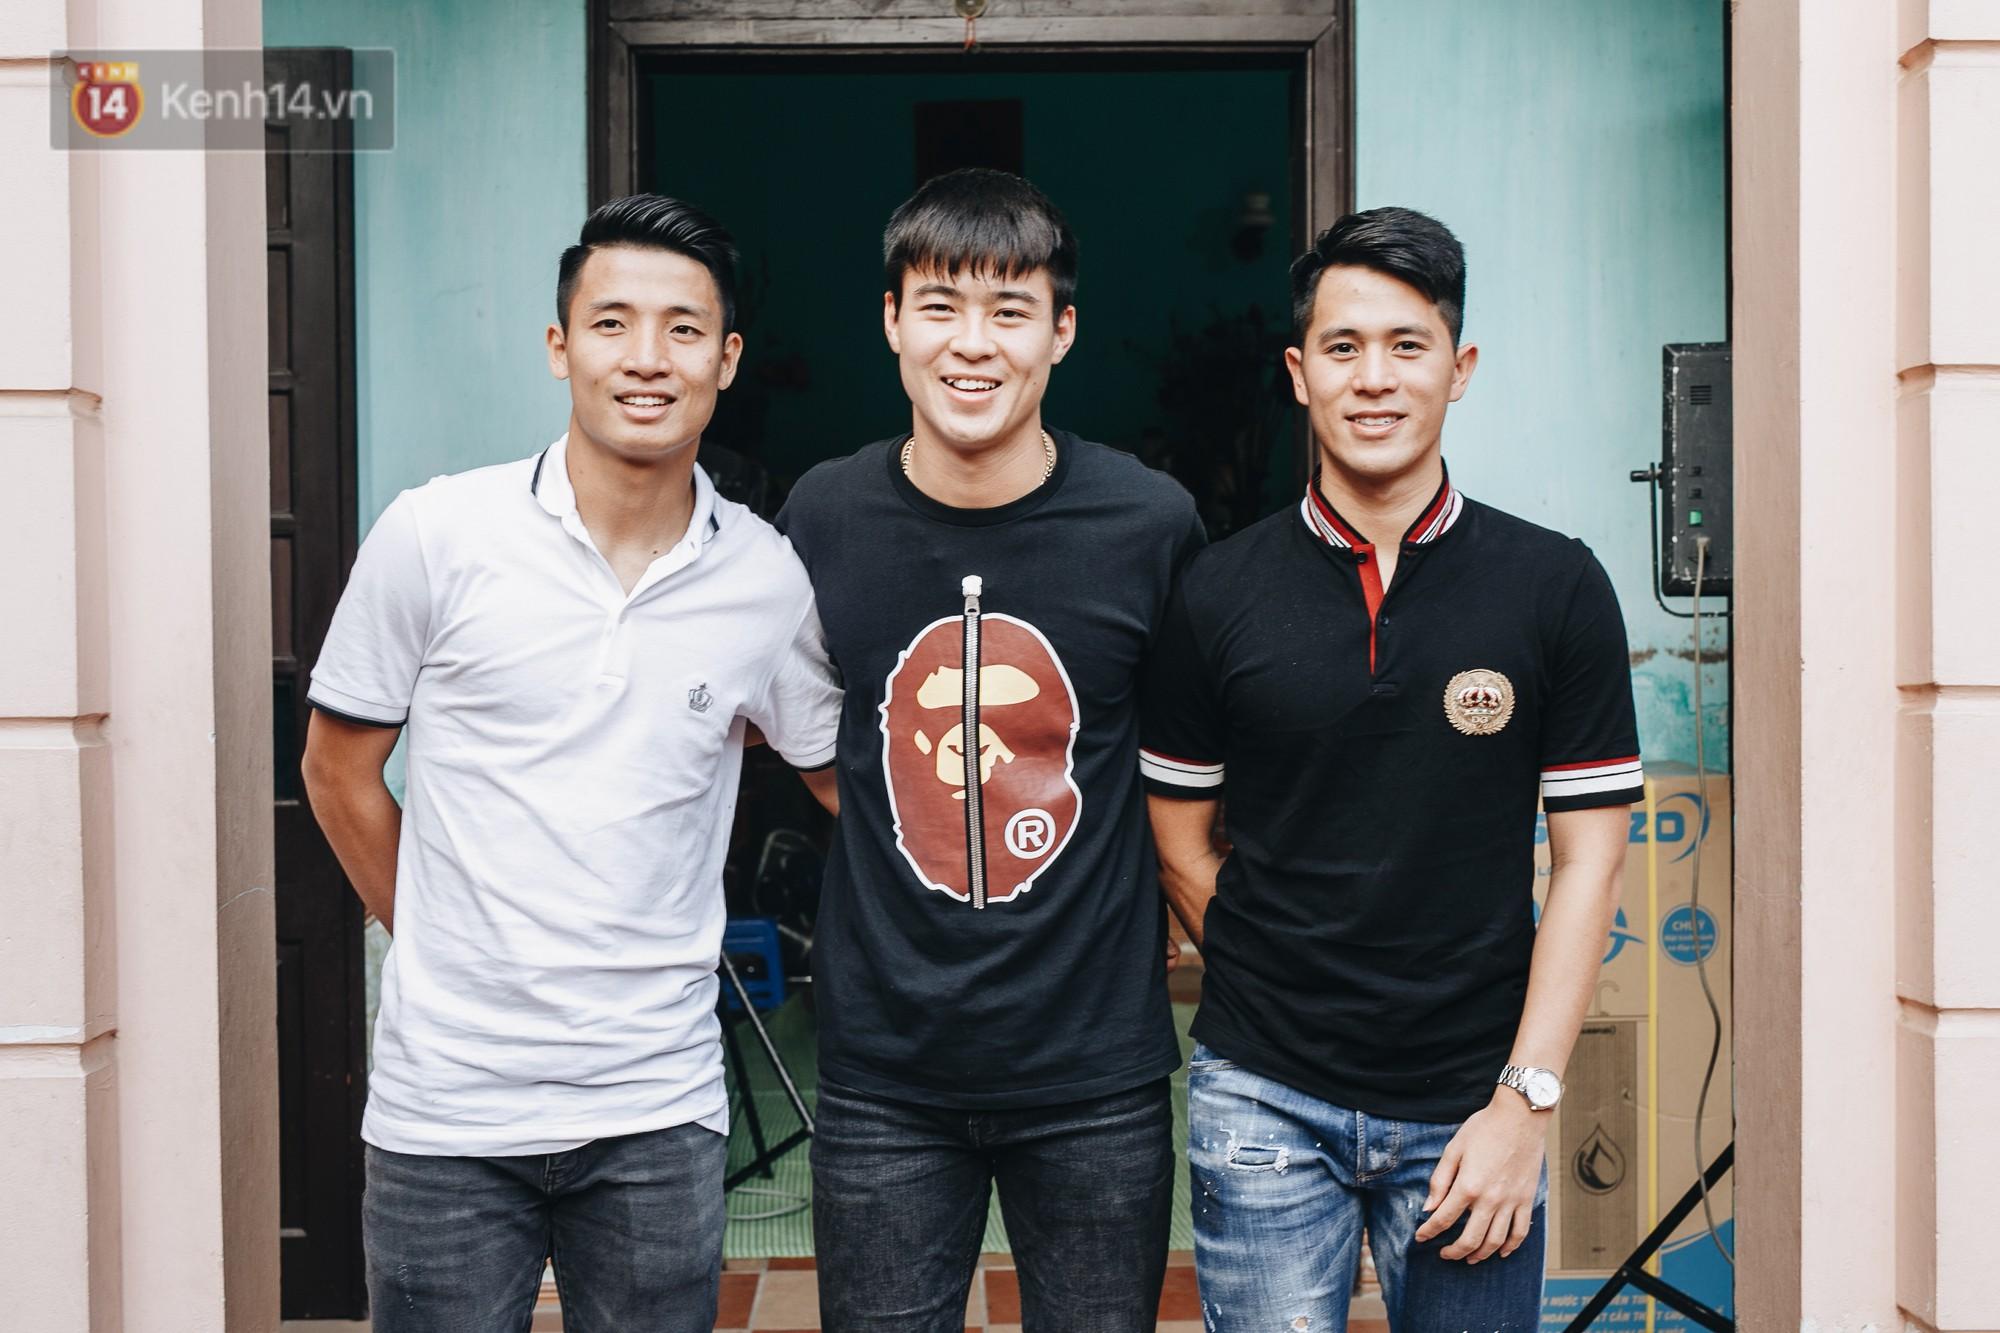 Đỗ Duy Mạnh: Chuyện cậu bé nhặt bóng 10 năm trước và người hùng sau vô địch AFF Cup 2018 - Ảnh 17.